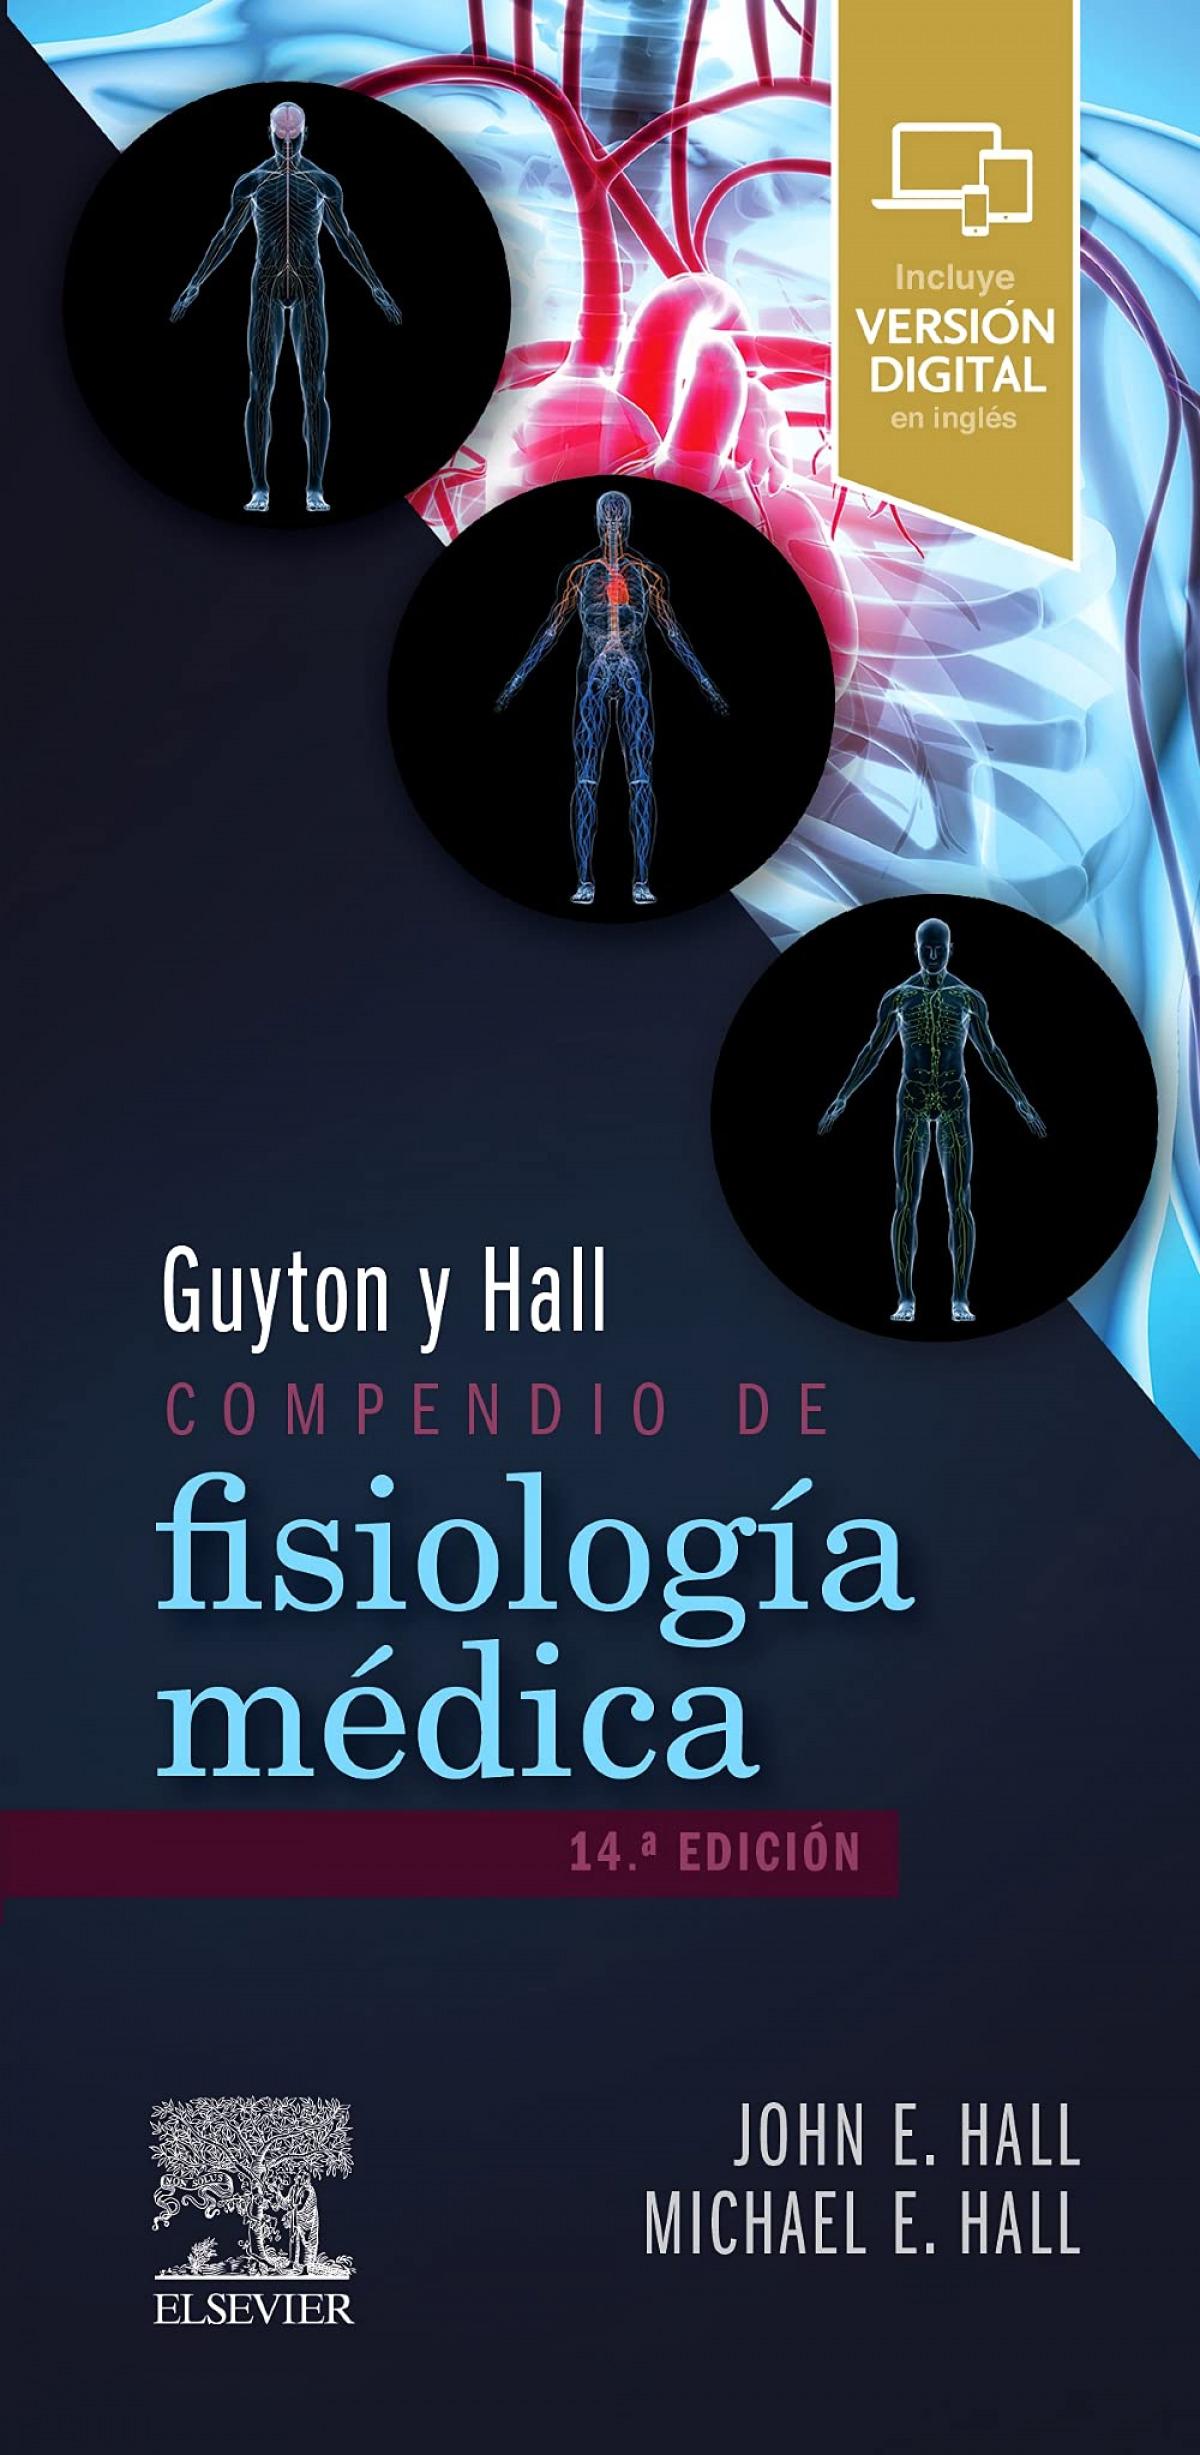 Guyton y Hall. Compendio de fisiología médica (14ª ed.)